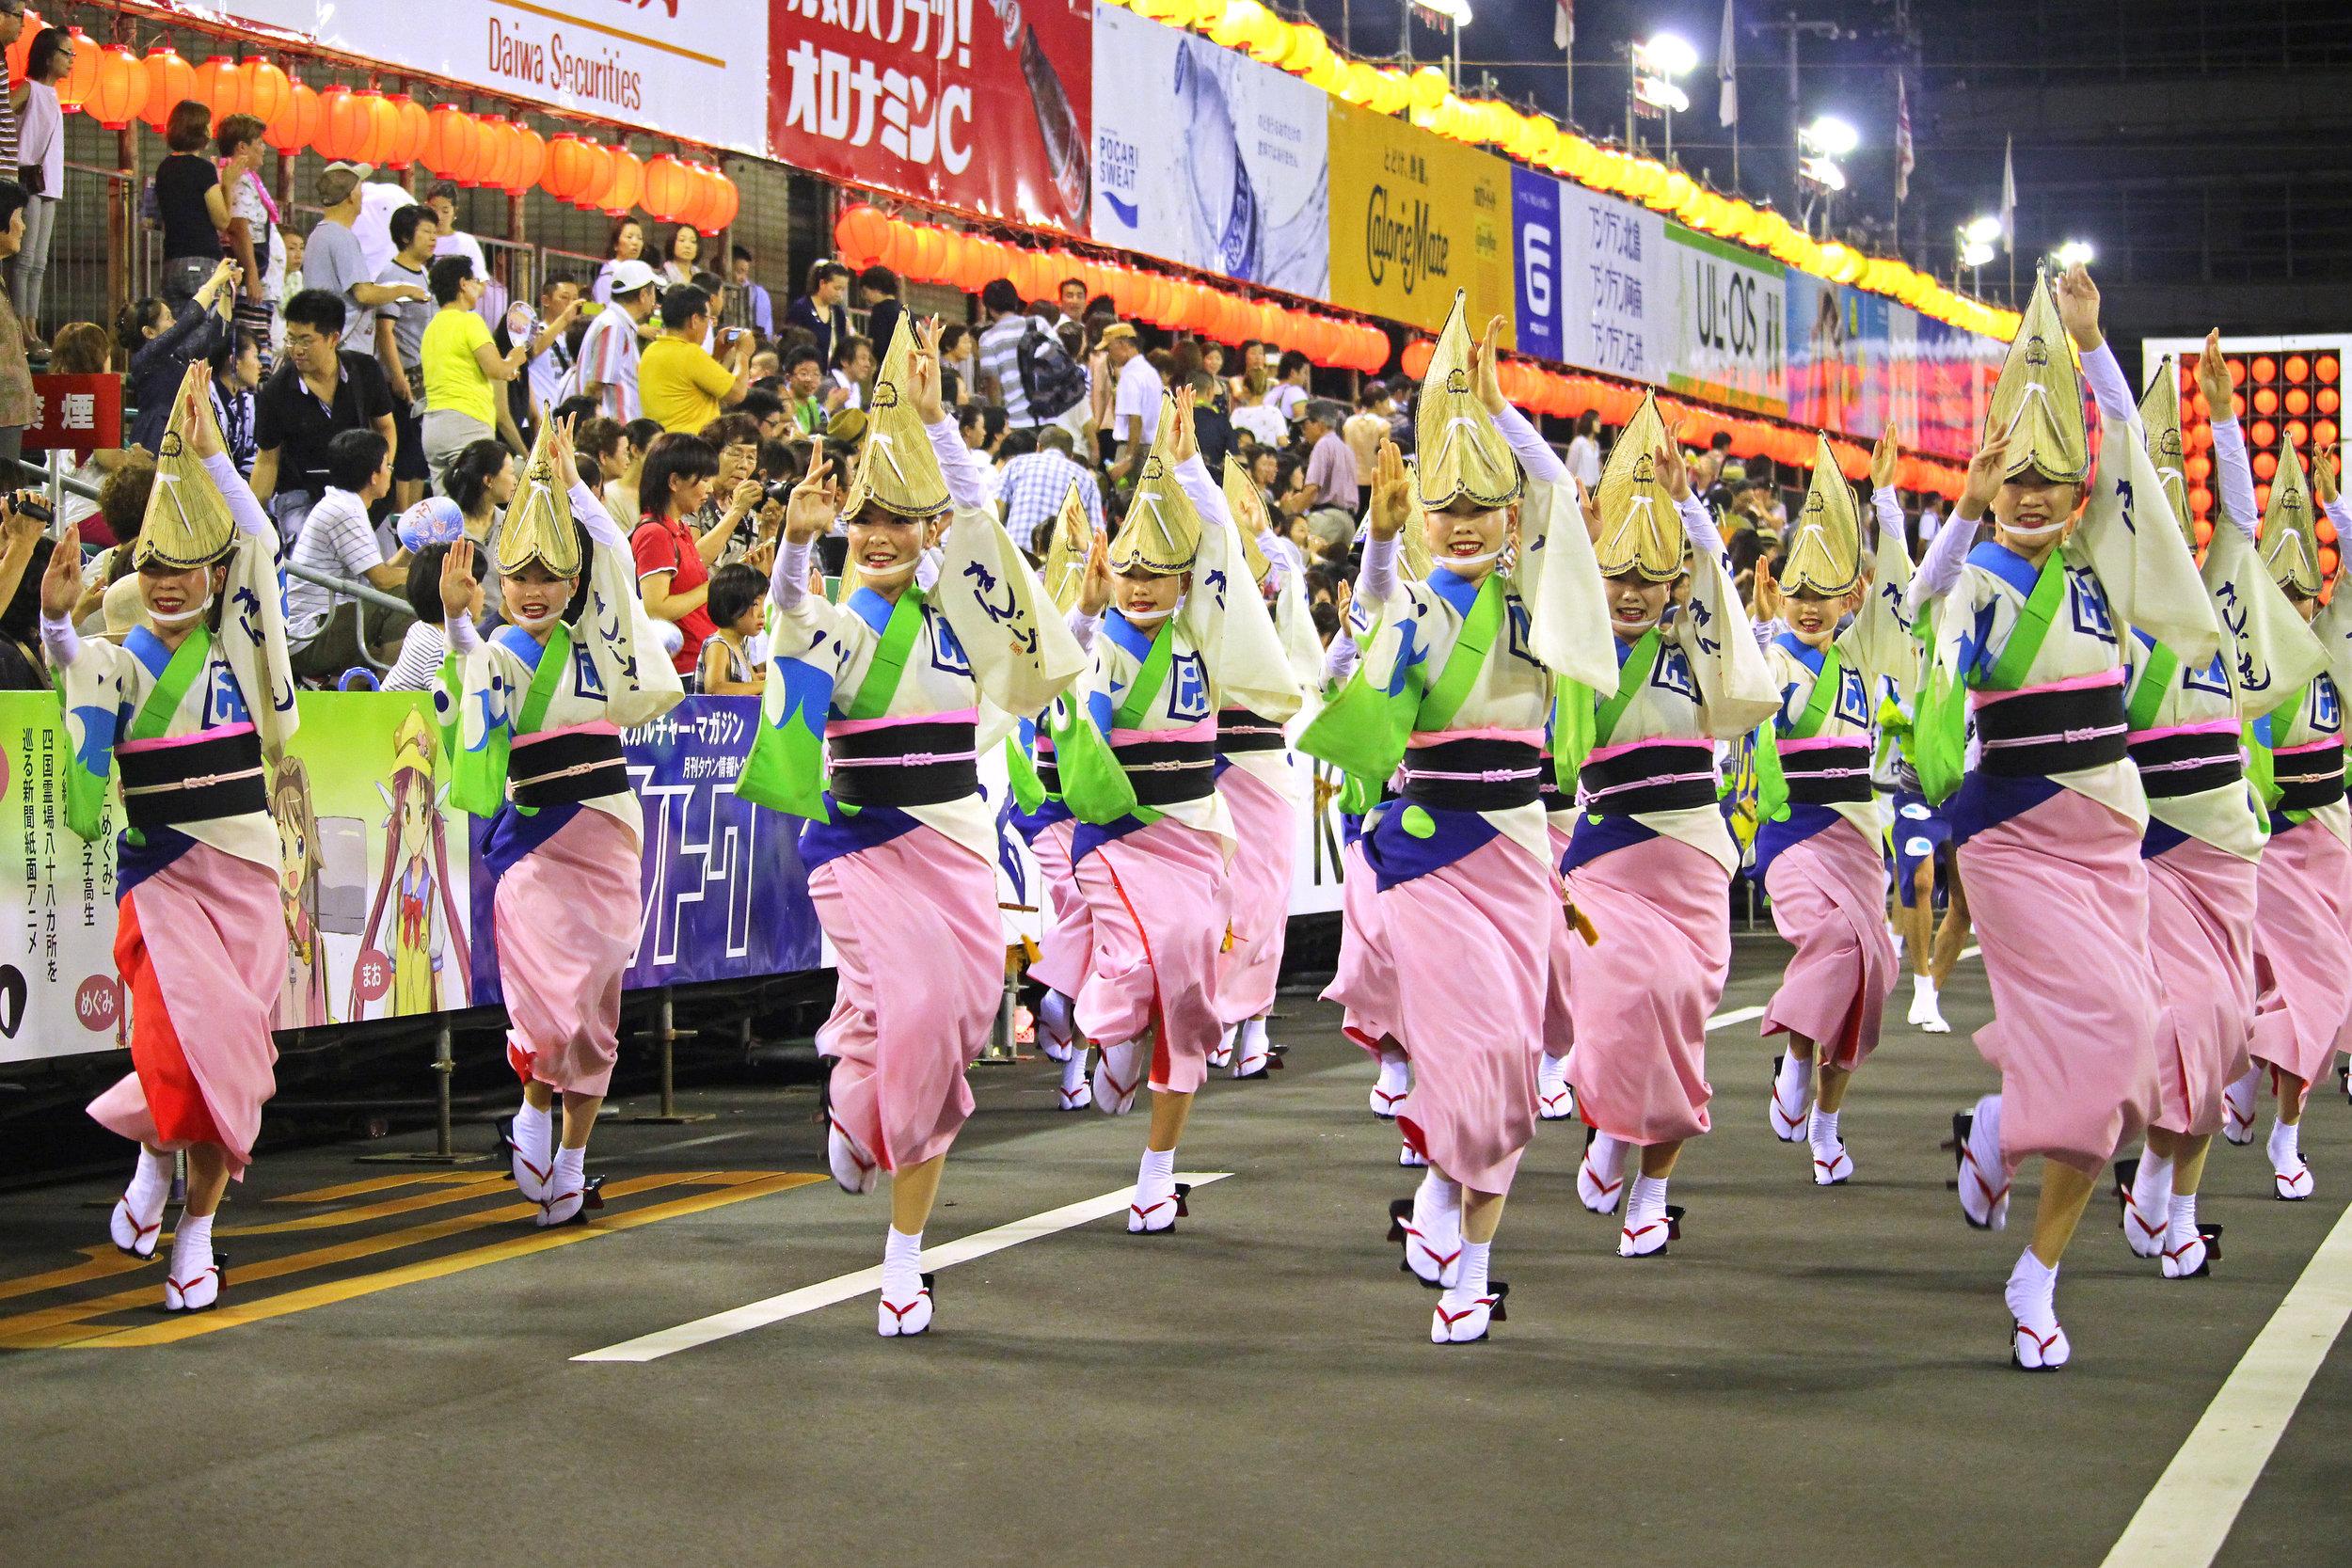 阿波おどり 徳島   実行委員会公式ウェブサイト